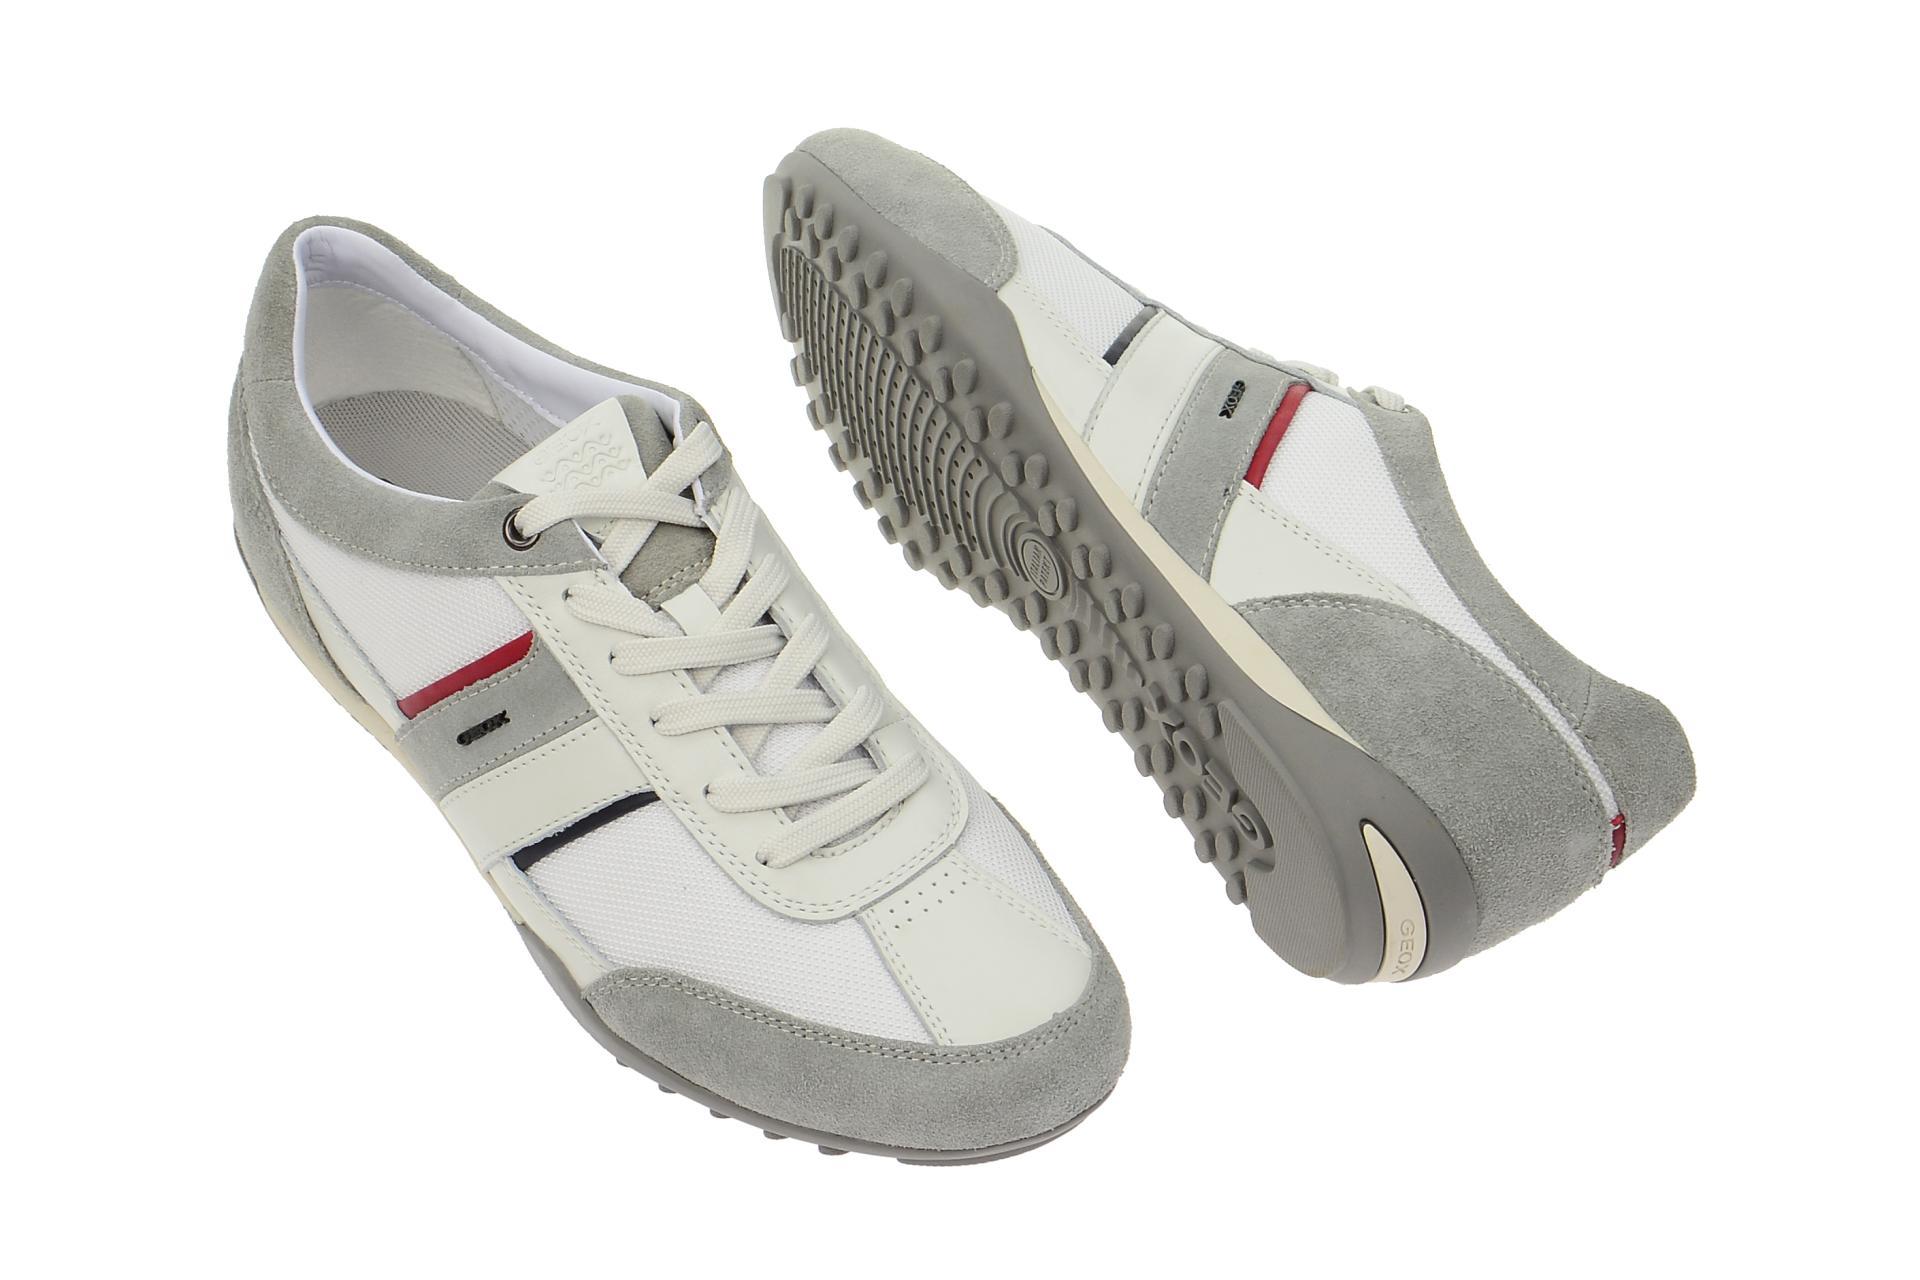 Details zu Geox Schuhe WELLS weiß Herrenschuhe sportliche Halbschuhe U52T5C 02211 C0130